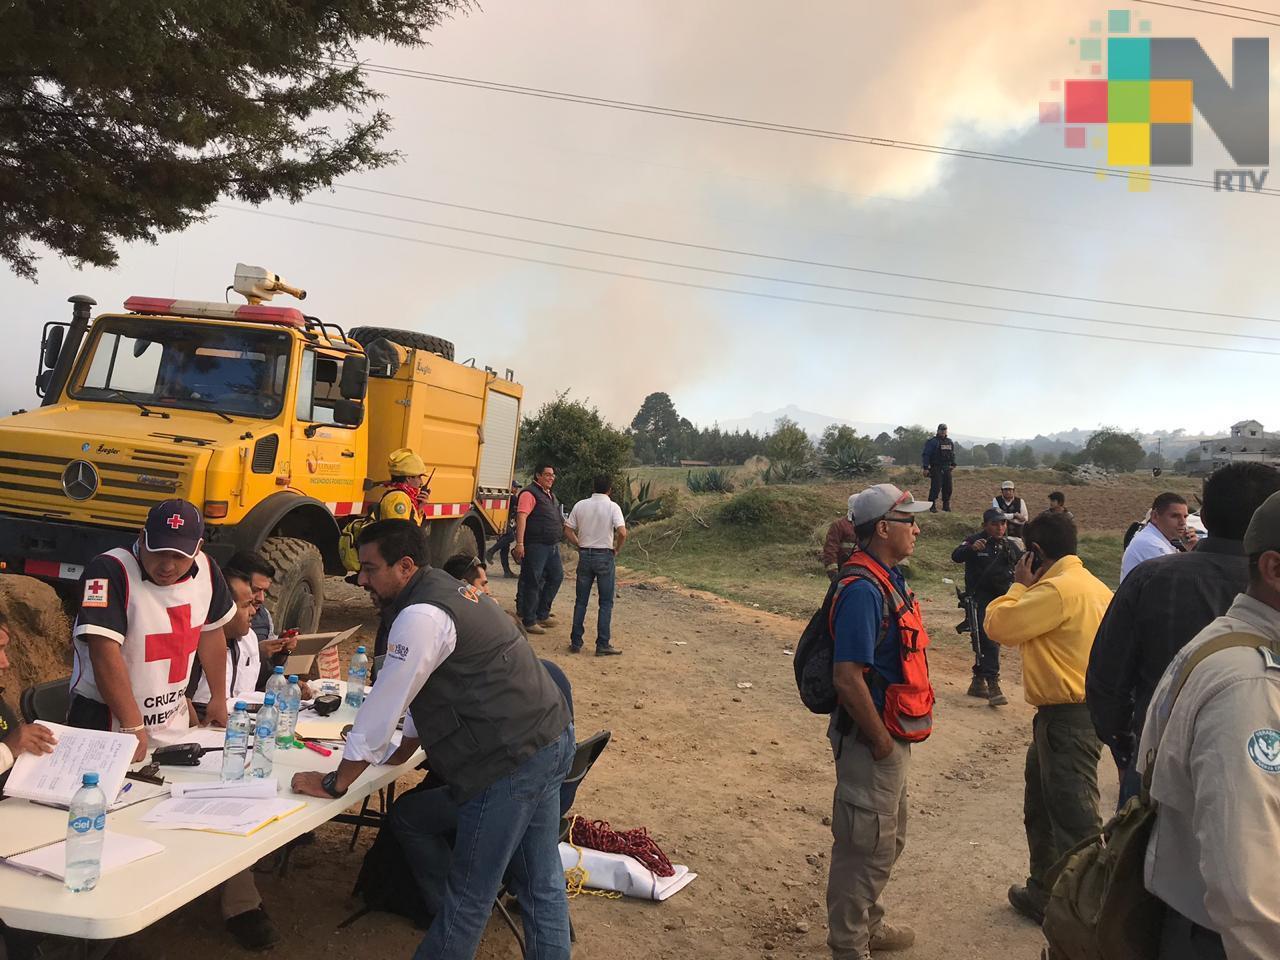 Refuerza SS vigilancia epidemiológica por incendio forestal, en Las Vigas